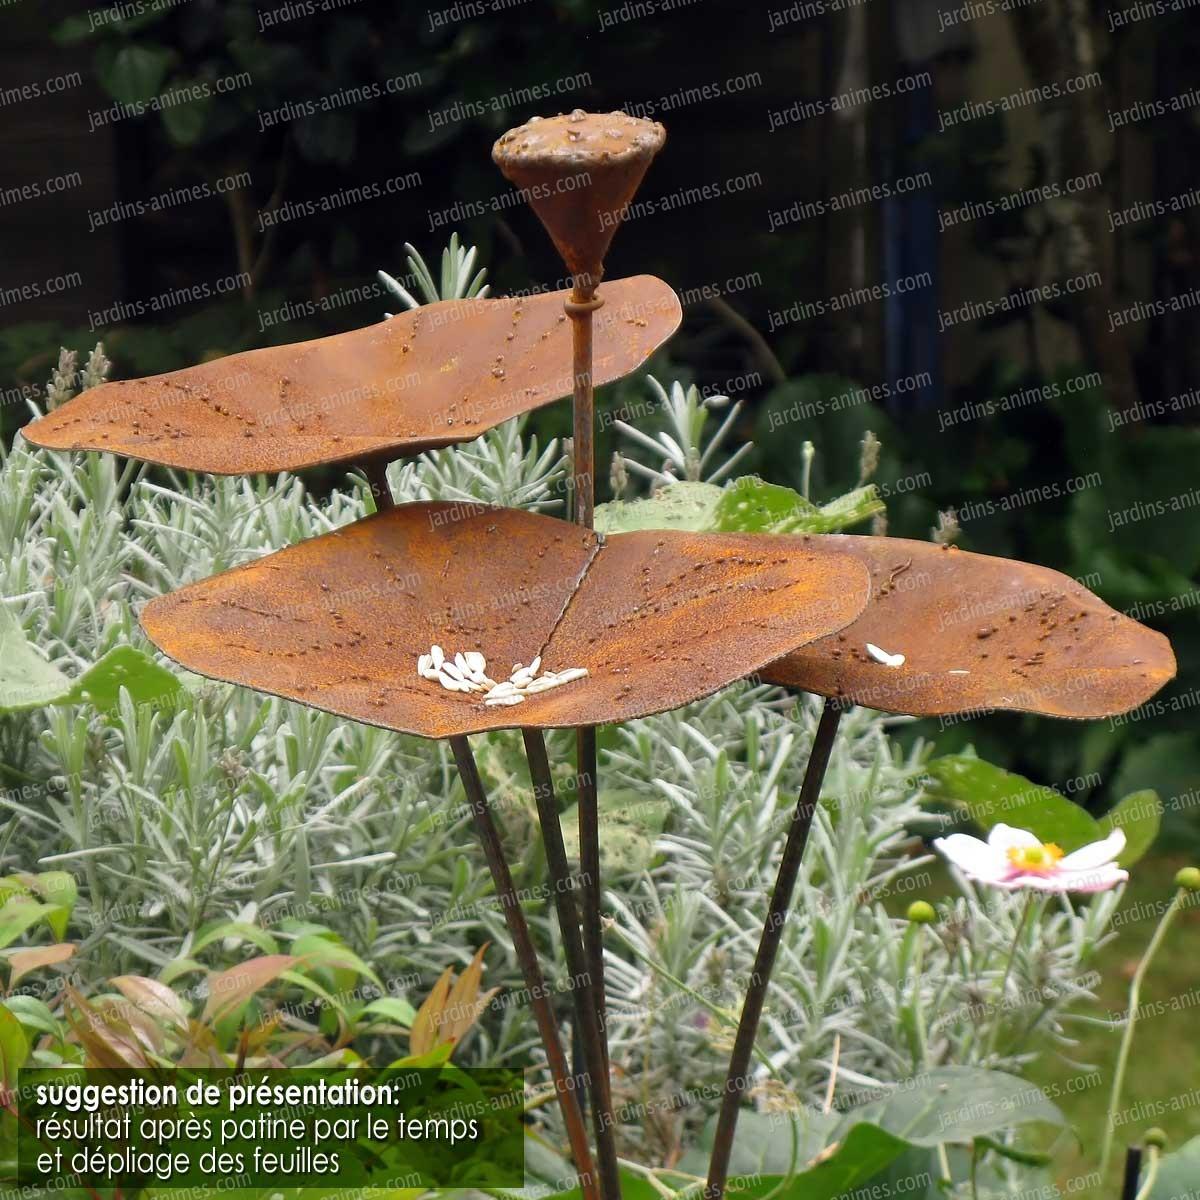 mangeoire fleur de lotus mangeoires bains d 39 oiseaux. Black Bedroom Furniture Sets. Home Design Ideas